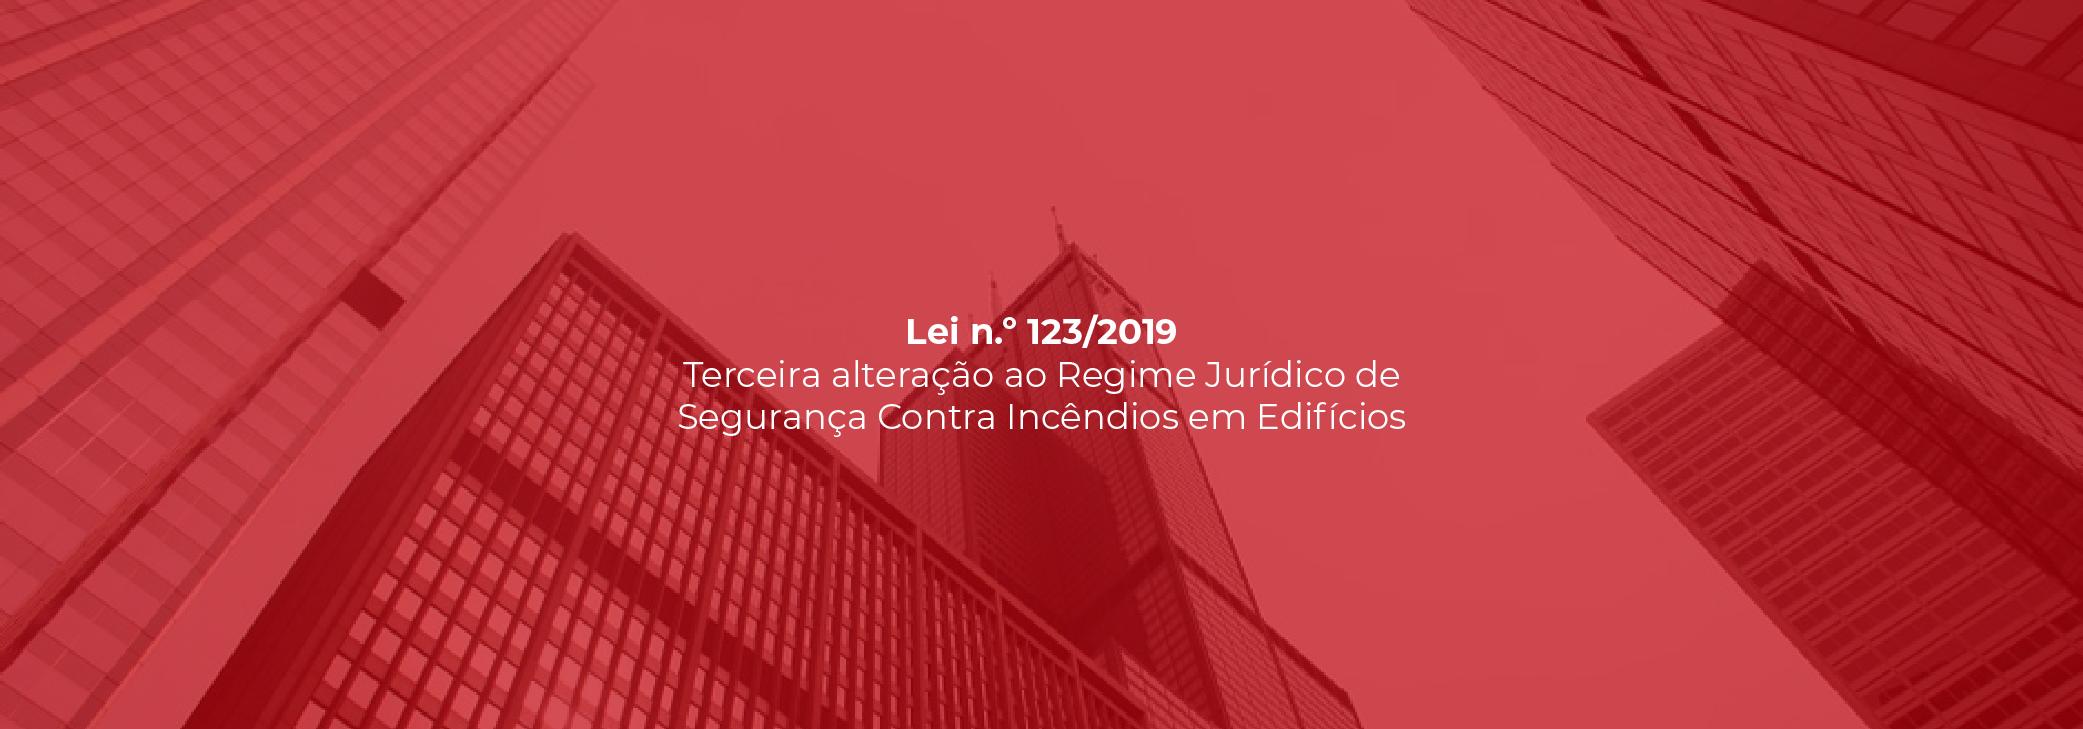 Lei nº 123/2019 - 3ª Alteração ao Decreto-Lei nº 220/2008